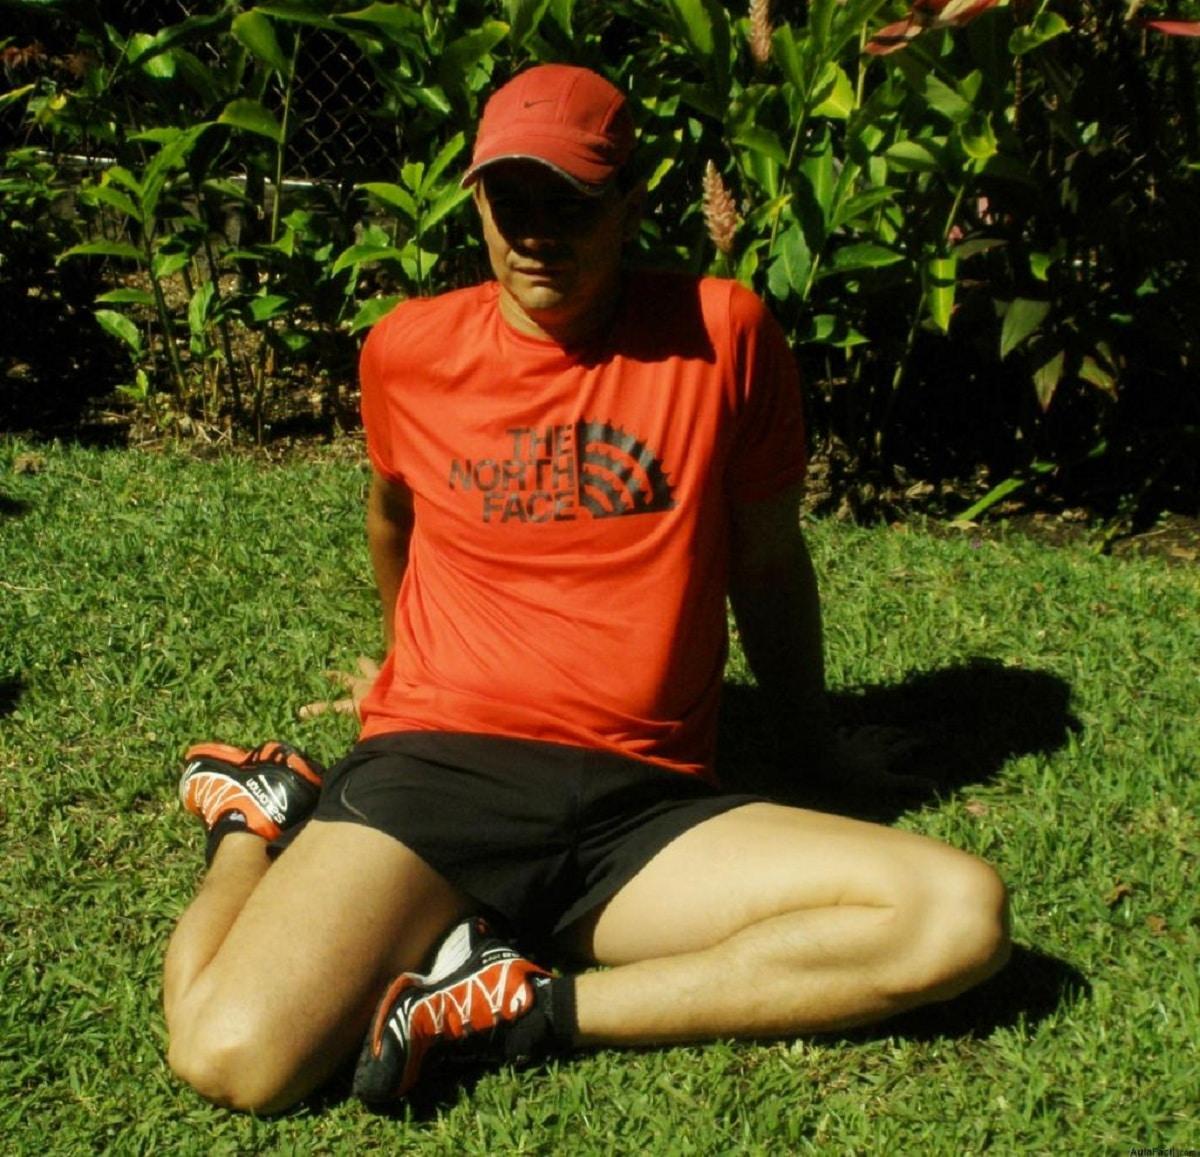 Enfriamiento deportivo tras el ejercicio